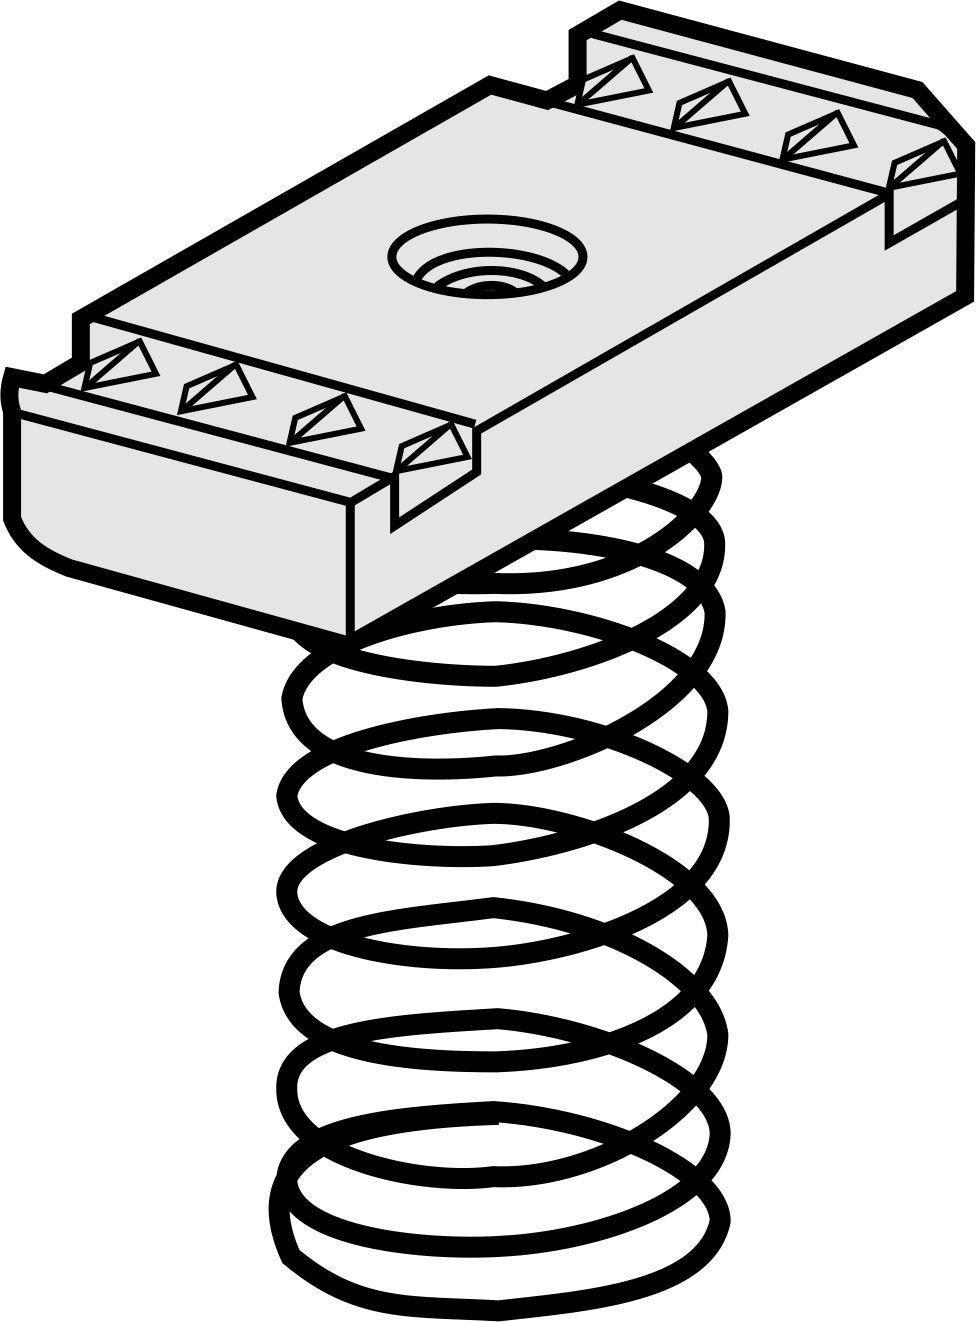 Versabar vsn 1025 - 1 / 5 – 1.8 cm dài 2 inch tiêu chuẩn hạt lò xo áp dụng cho 1 / 100 / hộp trụ cột